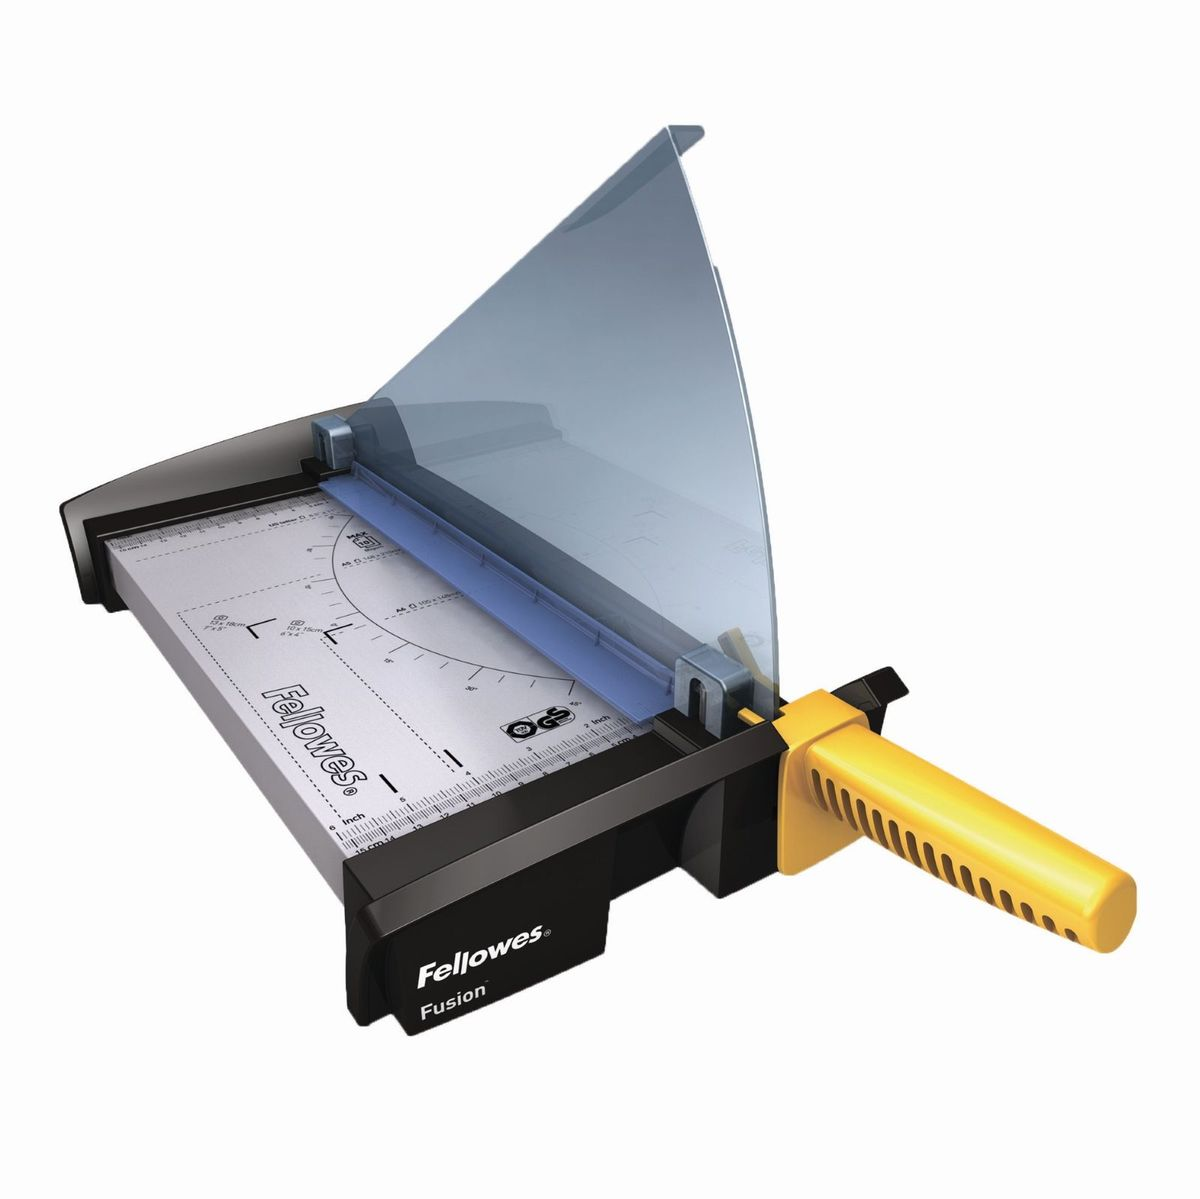 Fellowes Резак для бумаги1097641Резак сабельный SafeCut Fusion A4 идеален для частого использования дома или в малом офисе. Длина реза 320мм, стопа 1мм (10 листов 80гр/м2). Запатентованный SafeCut™ защитный экран предотвращает вероятность прикосновения пользователя к ножу резака во время работы. Защитный экран уже установлен, перед использованием его необходимо развернуть, что снимает проблему его неправильной установки. Без развернутого защитного экрана, резак не работает. Качественные лезвия из нержавеющей стали. Прочное металлическое основание на нескользящих ножках.Максимальное количество разрезаемых листов (80гр/кв.м): 10Предназначение: Пленка, фотографии, бумага